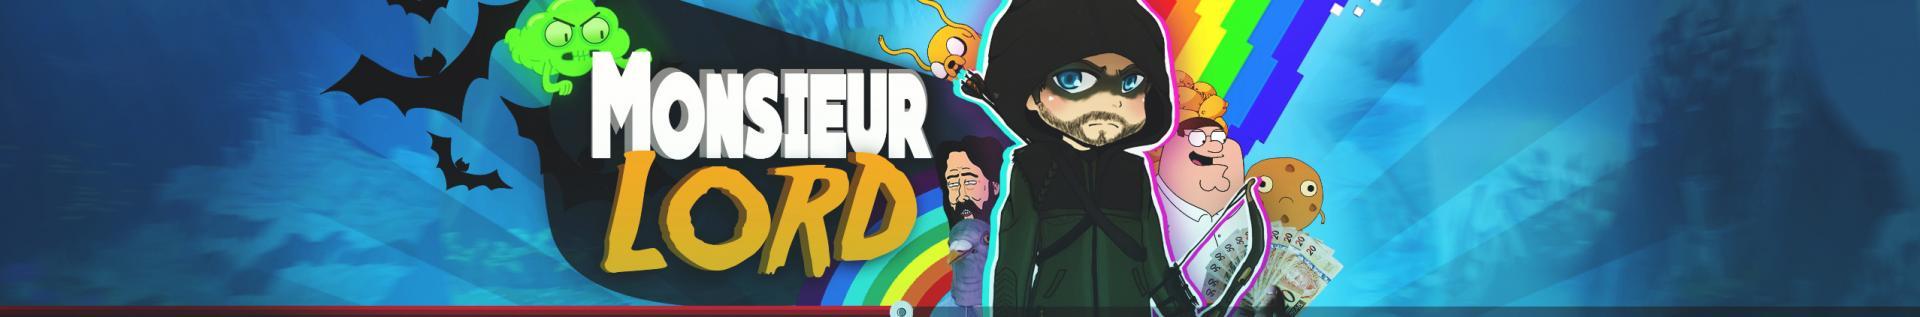 MonsieurLordTV